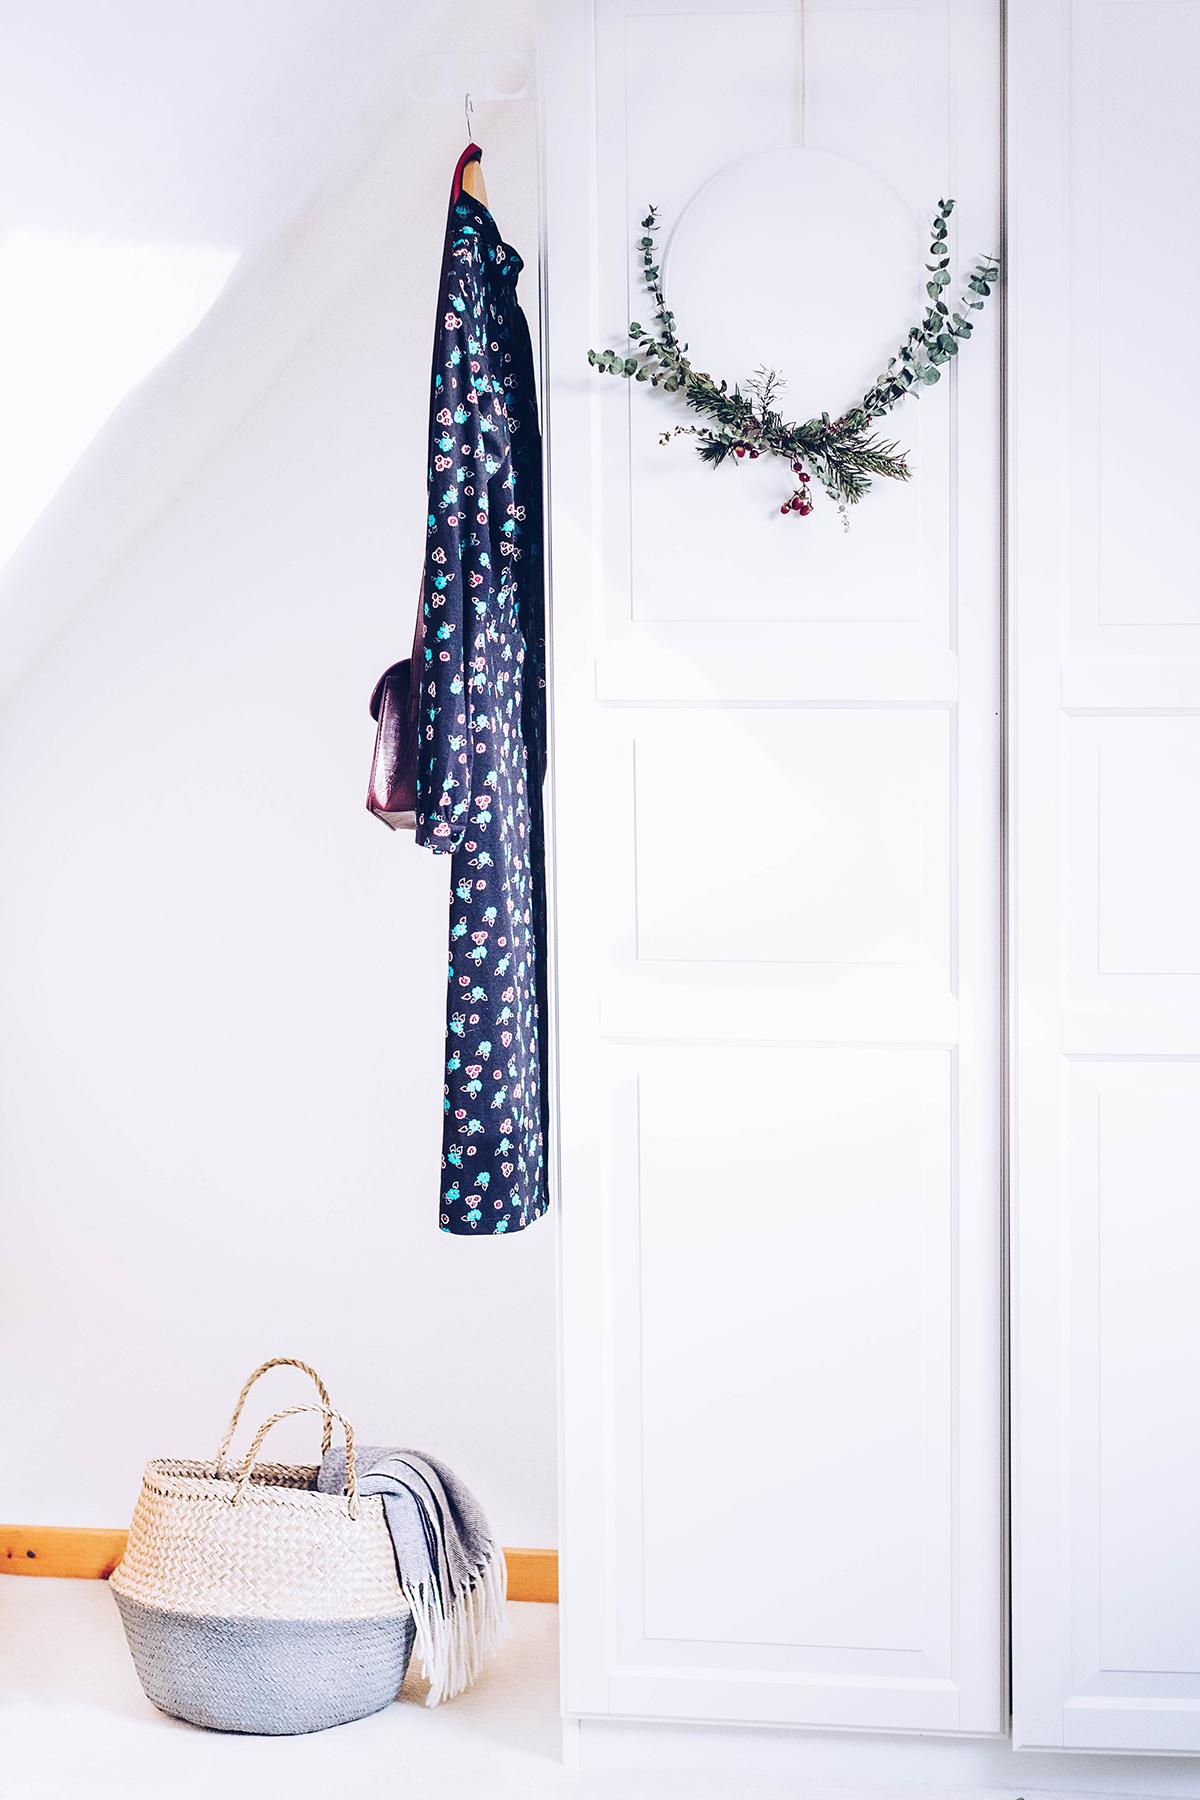 Ikea Hack: Faltkorb Fladis mit Acrylfarbe bemalen